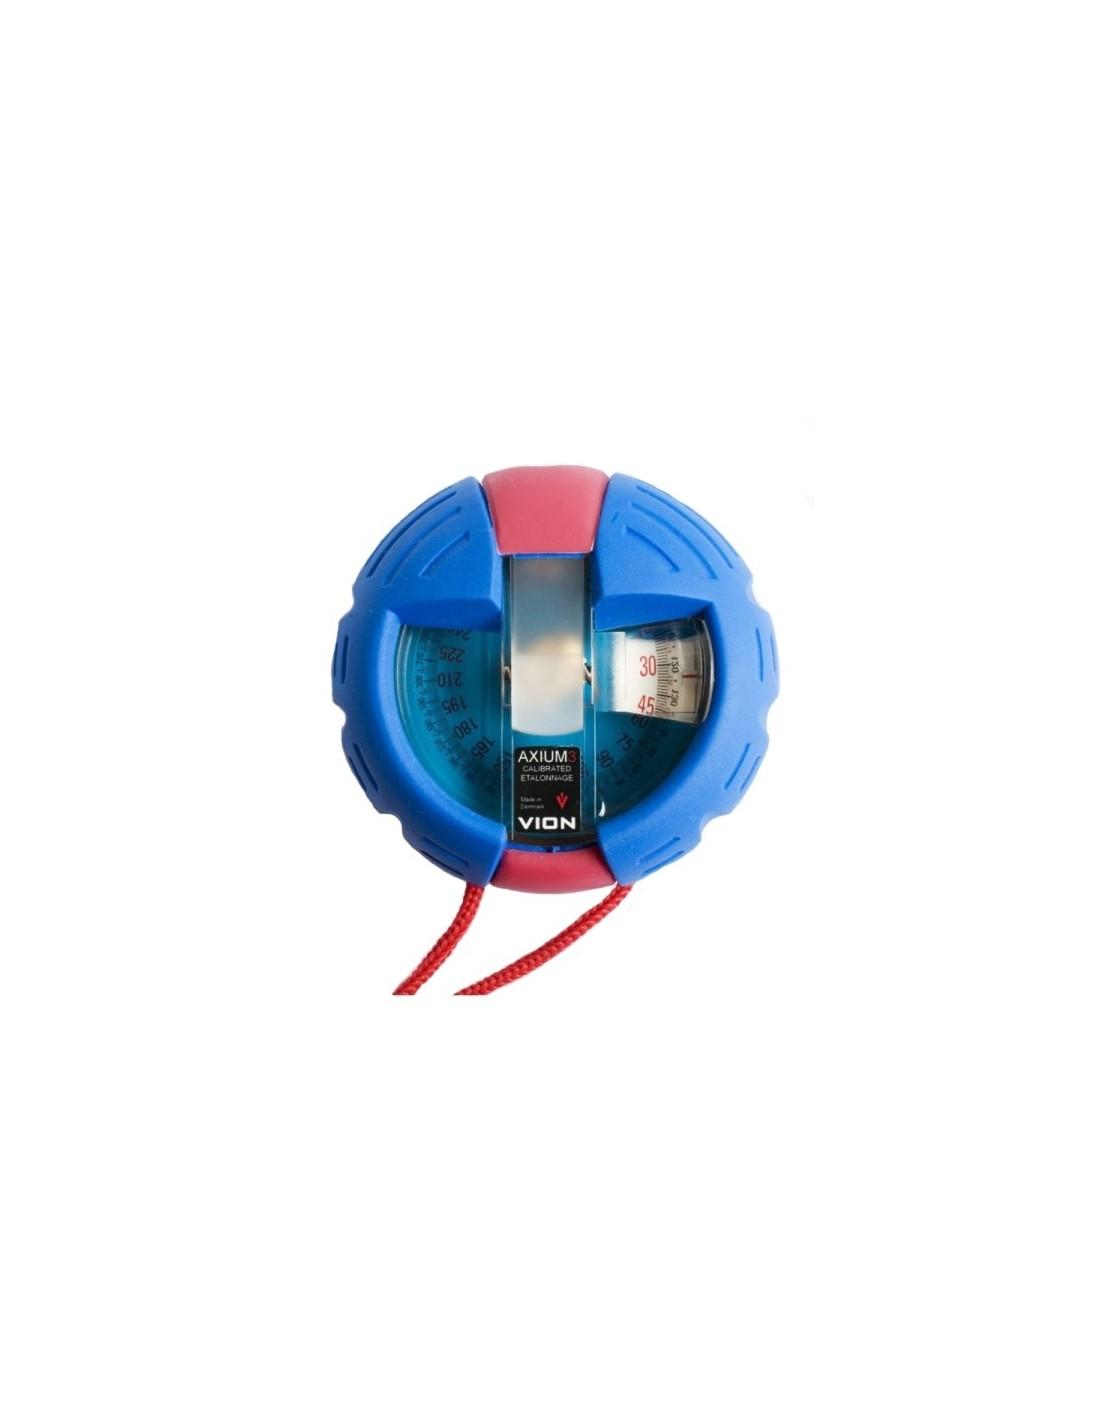 Vion Axium 3 Kompas - Blauw - VION - Scheepsinstrumenten - AX B